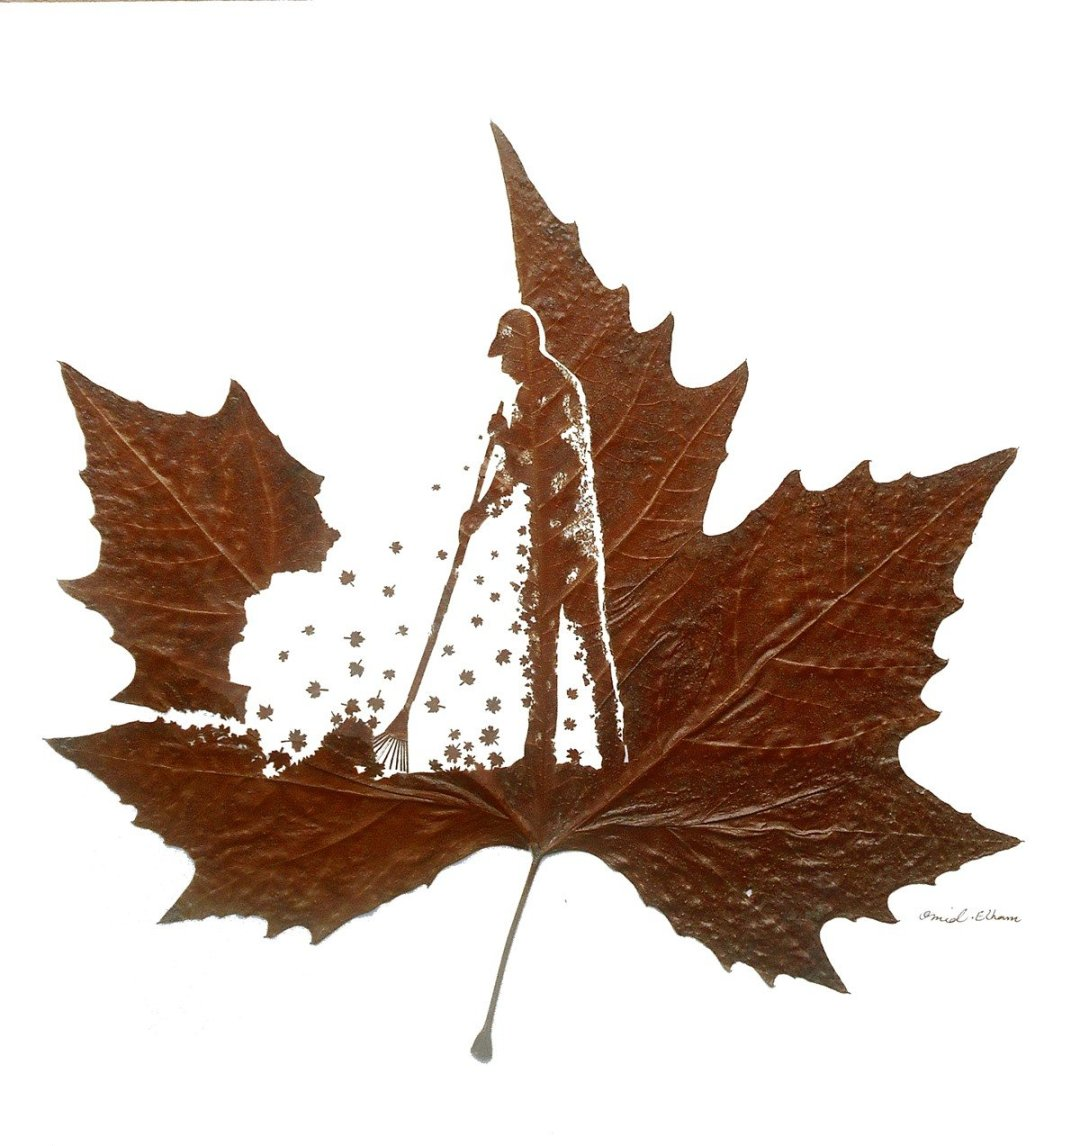 Omid Asadi Leaf Art Image 6